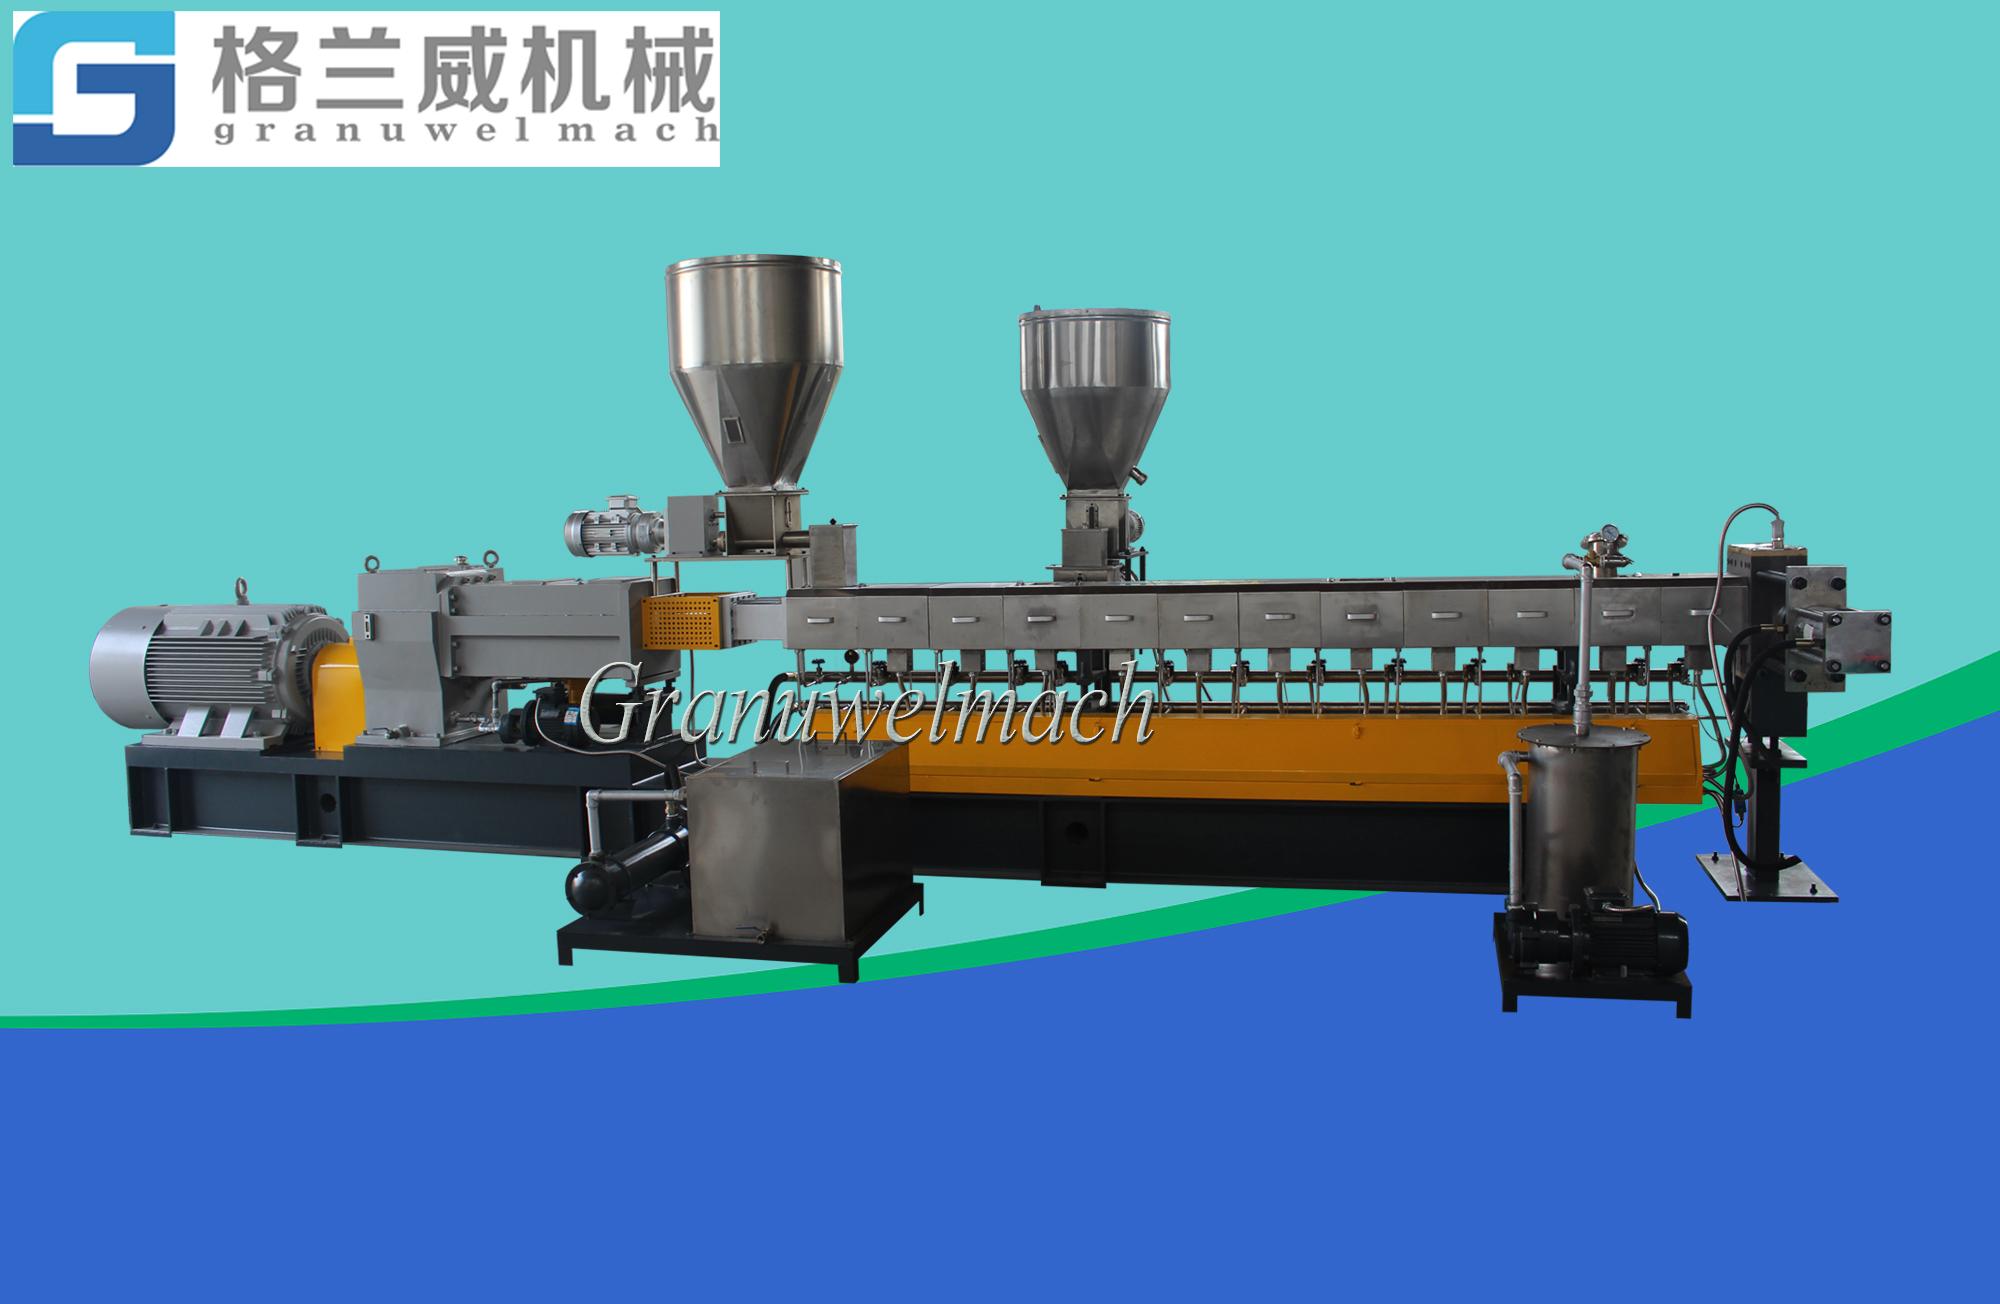 65C plastic twin screw extruder,granulator,pelletizer